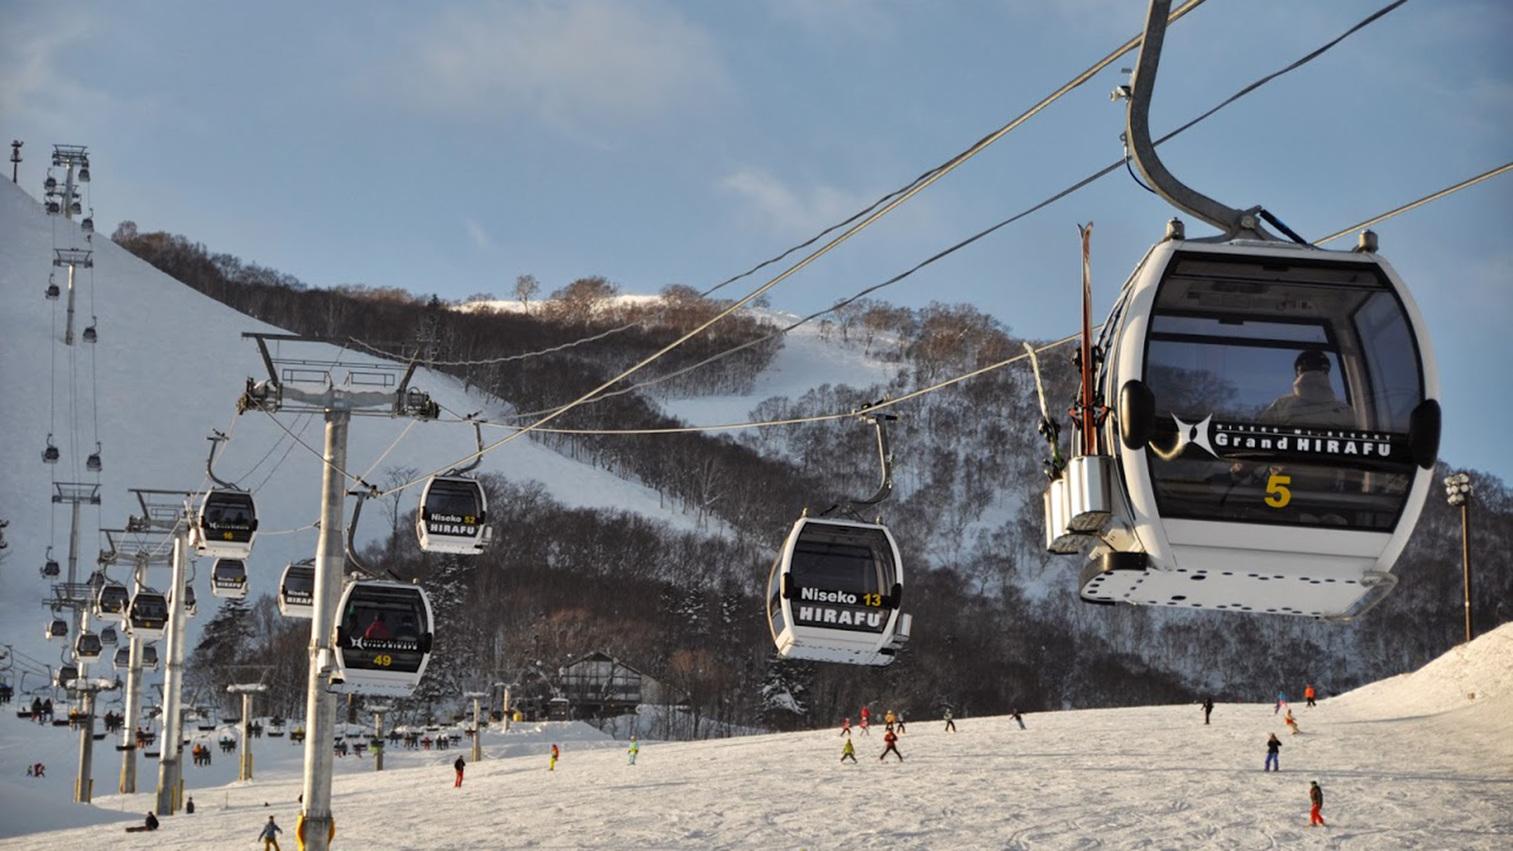 ◆ヒラフスキー場のゴンドラ